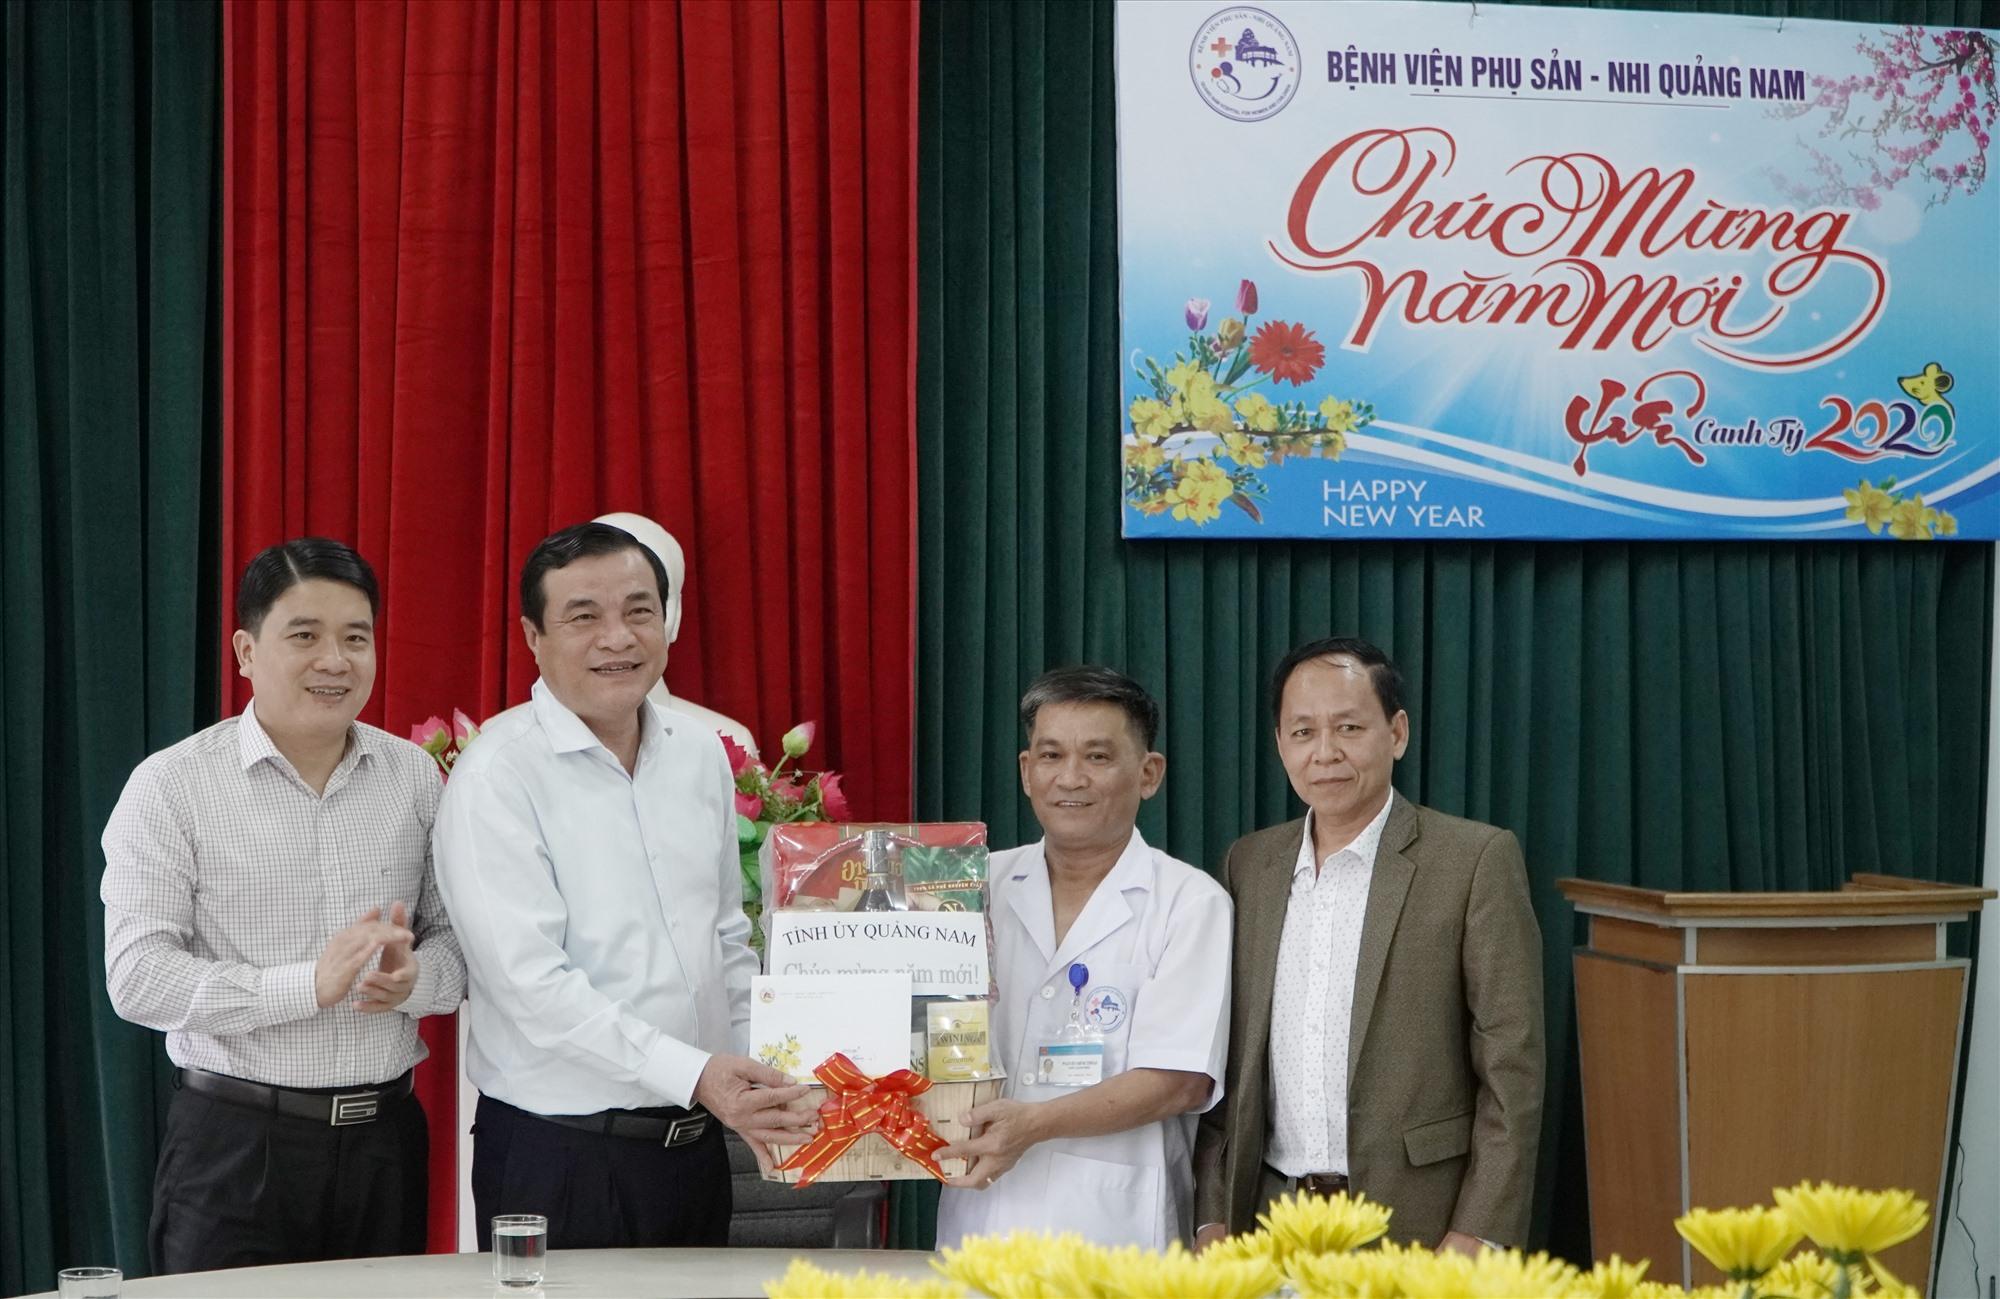 Bí thư Tỉnh ủy Phan Việt Cường tặng quà cho các y, bác sĩ, cán bộ, người lao động tại Bệnh viện Phụ sản - Nhi Quảng Nam. Ảnh: PHAN VINH